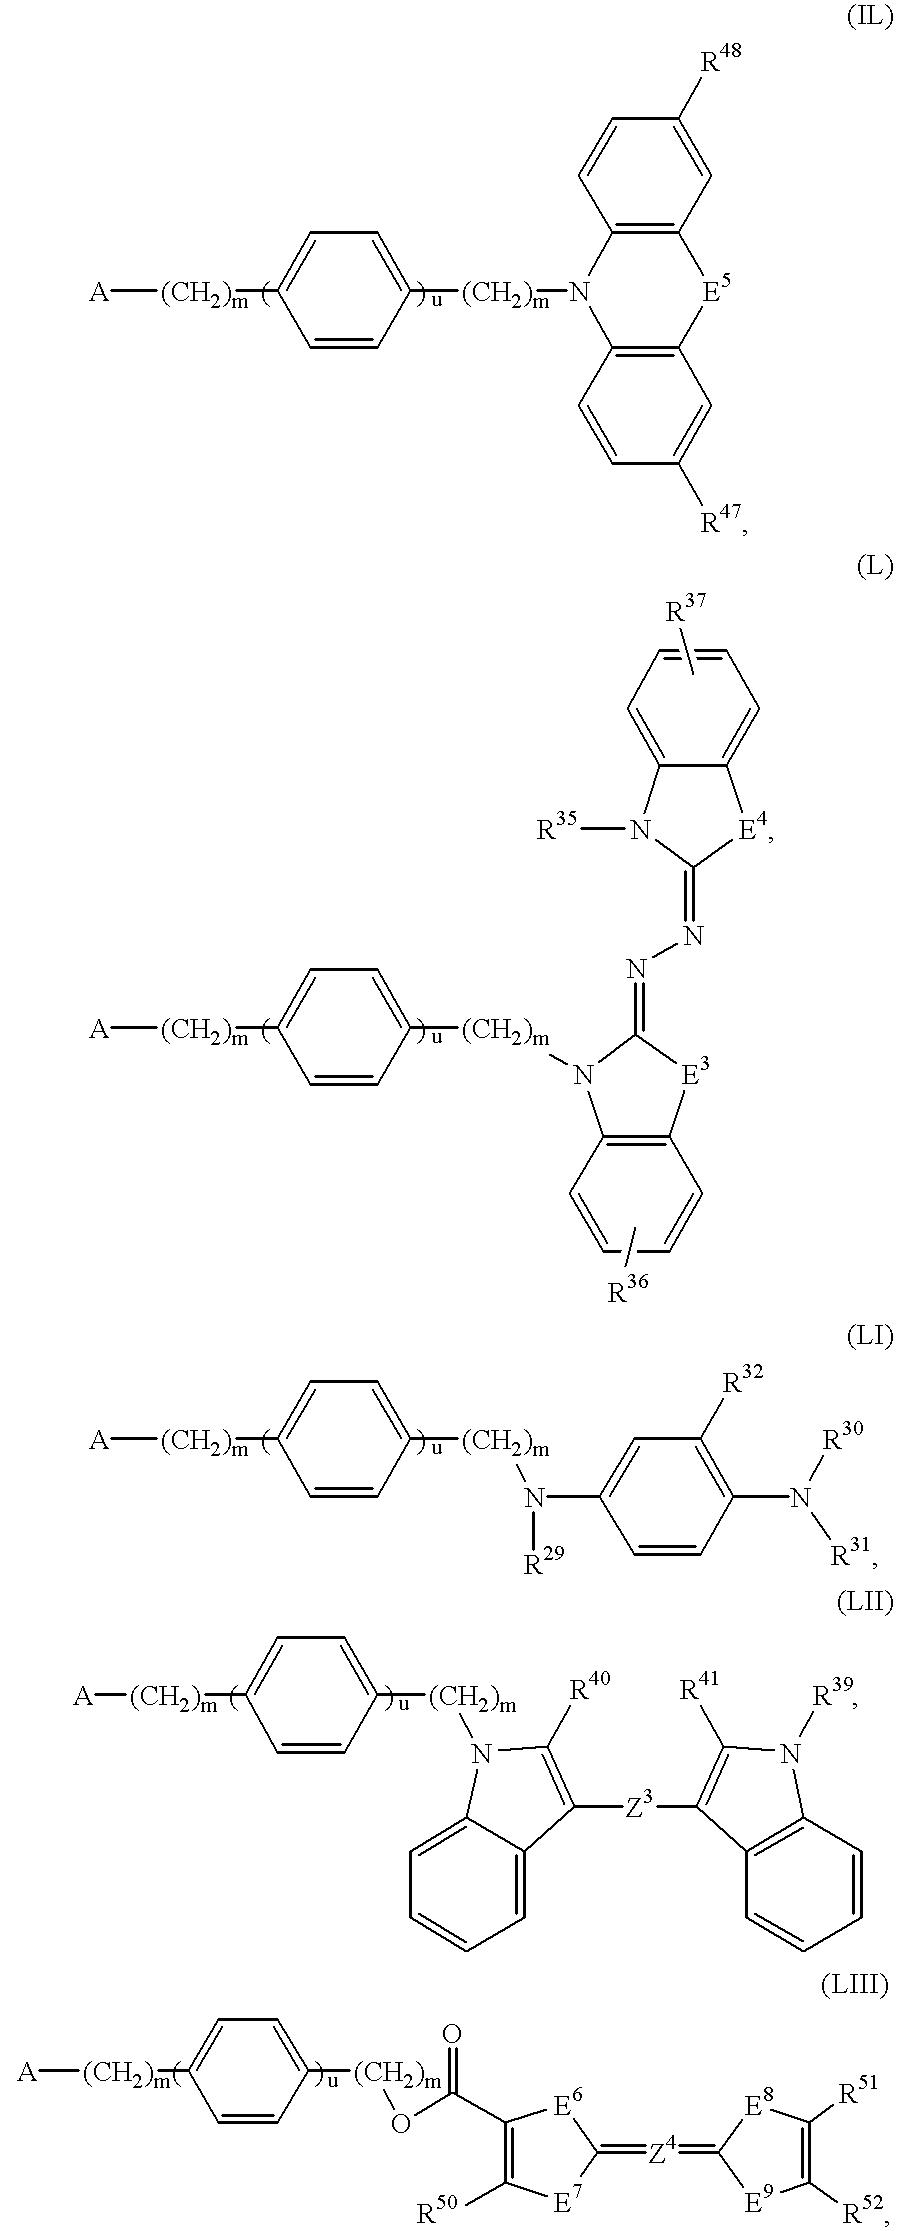 Figure US06241916-20010605-C00024